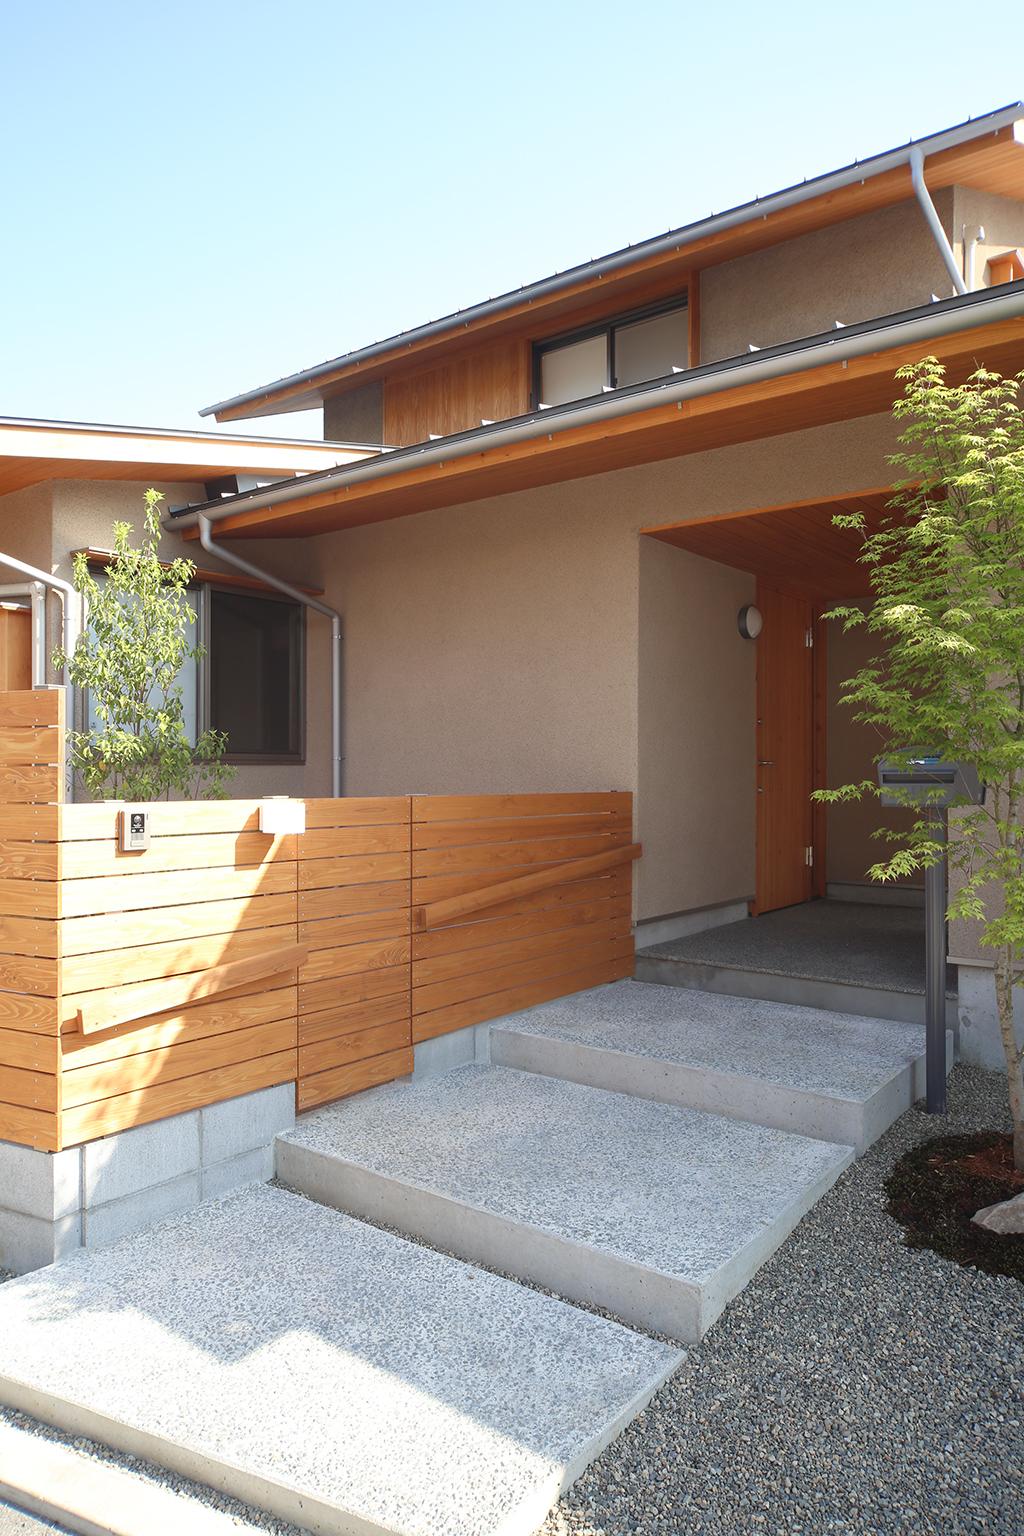 加古川市の木の家 そとん壁の外観